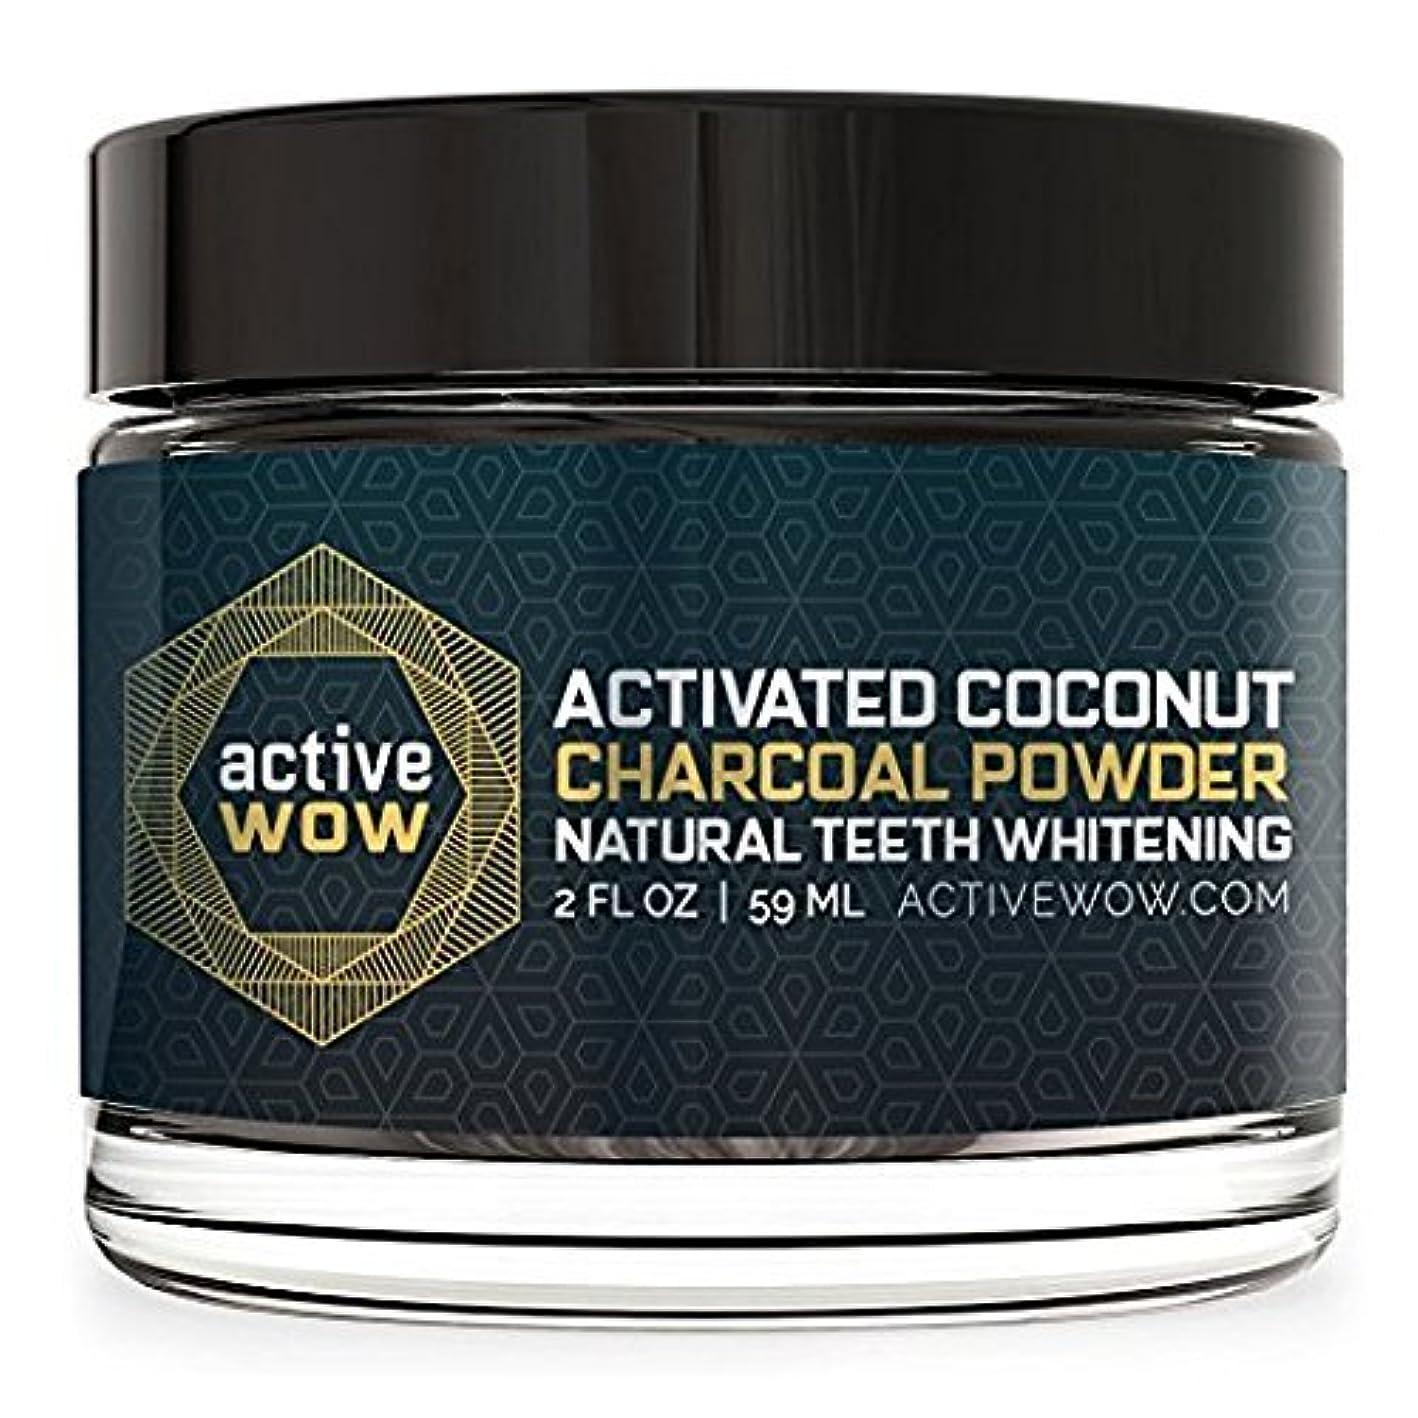 今変形帰るアメリカで売れている 炭パウダー歯のホワイトニング Teeth Whitening Charcoal Powder Natural [並行輸入品]